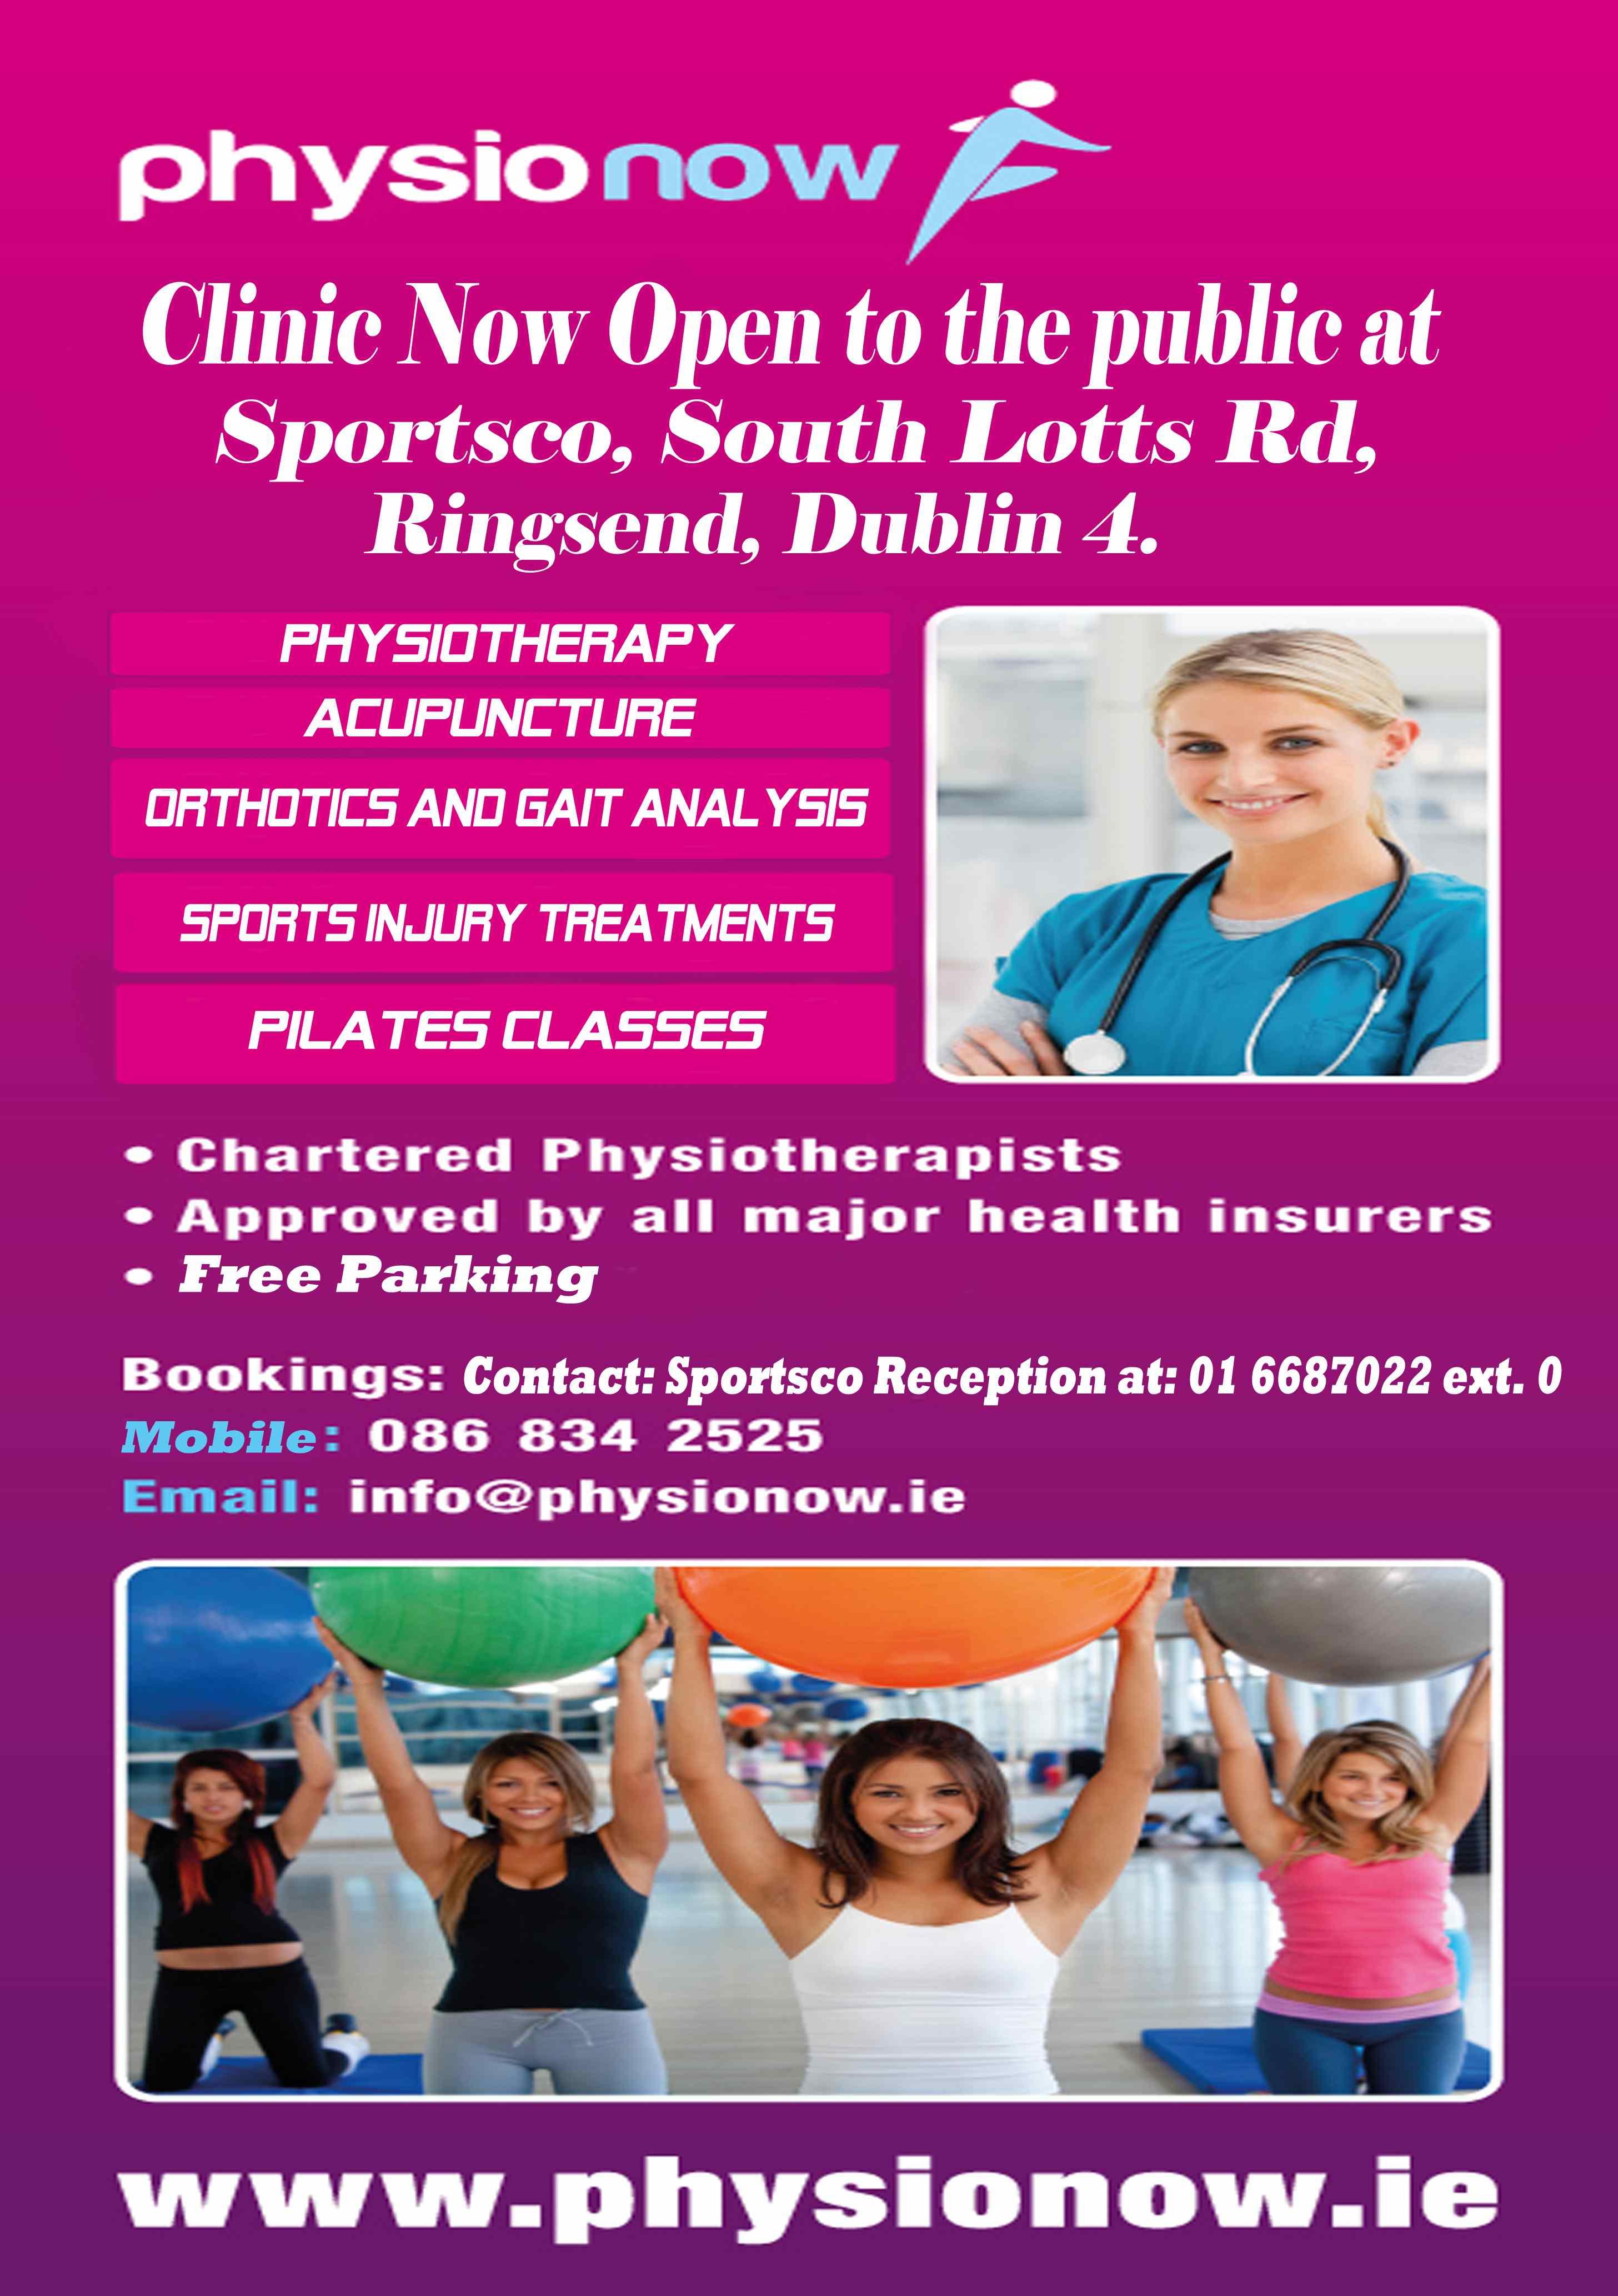 PhysioNow Dublin 4 clinic